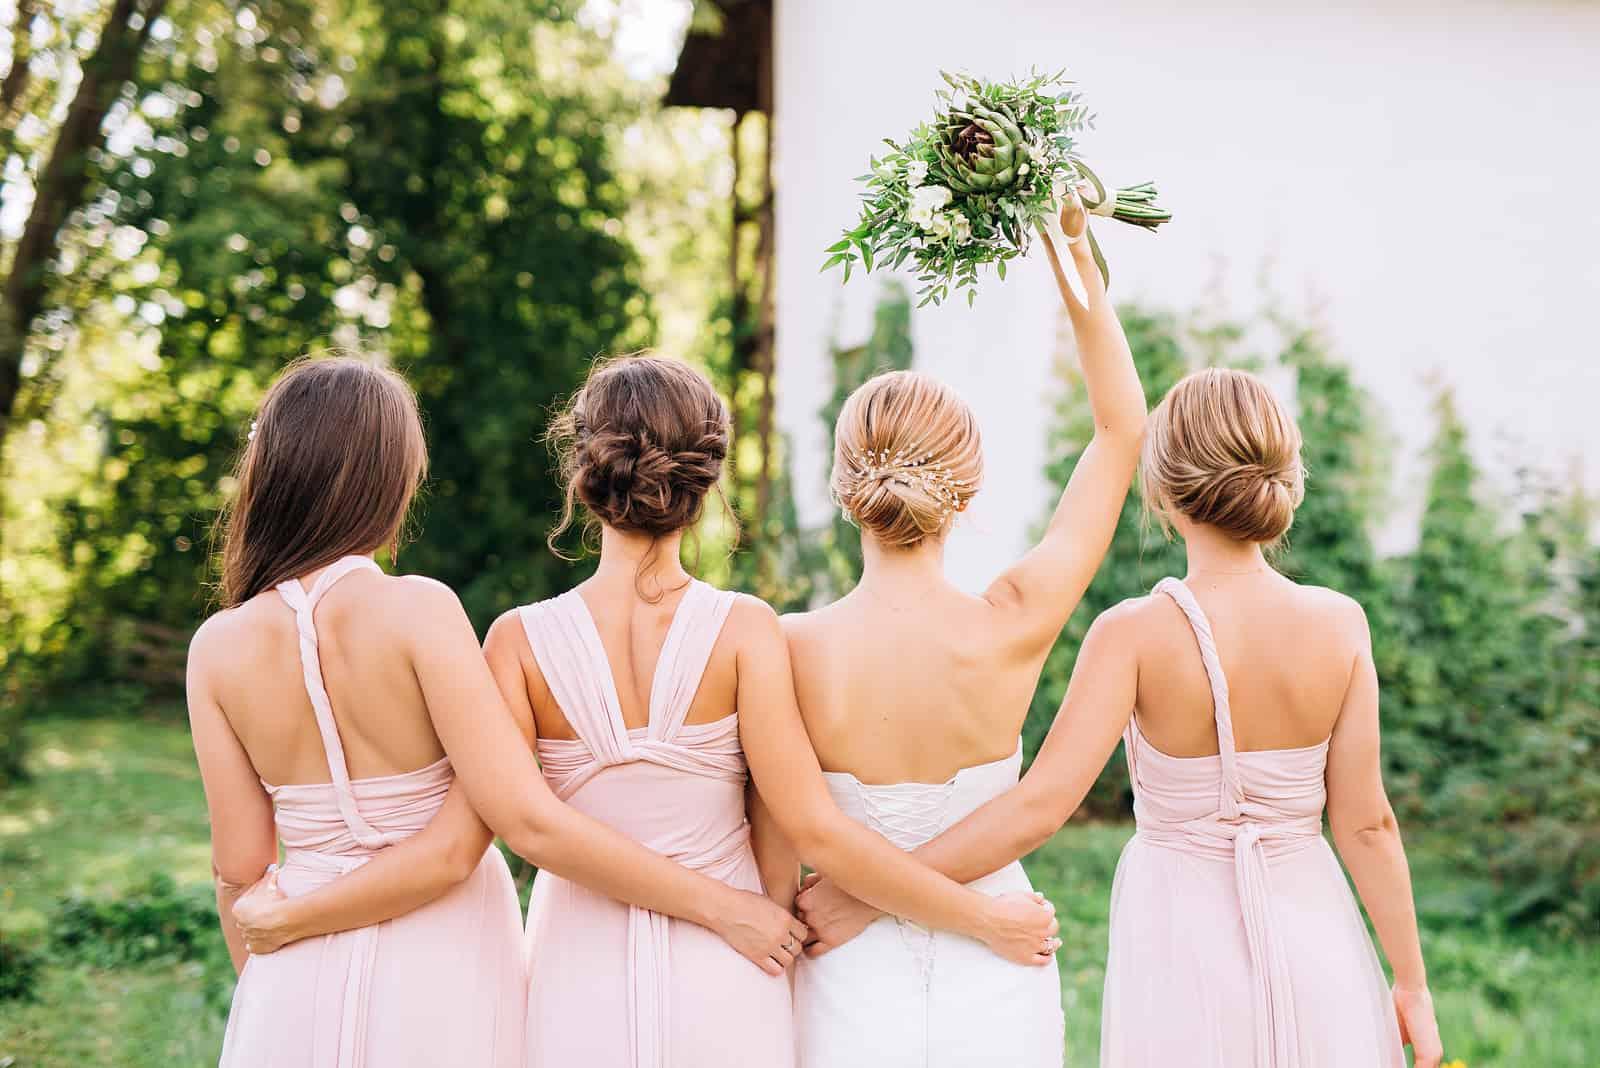 Braut, die mit ihrem Rücken in einem weißen Hochzeitskleid steht